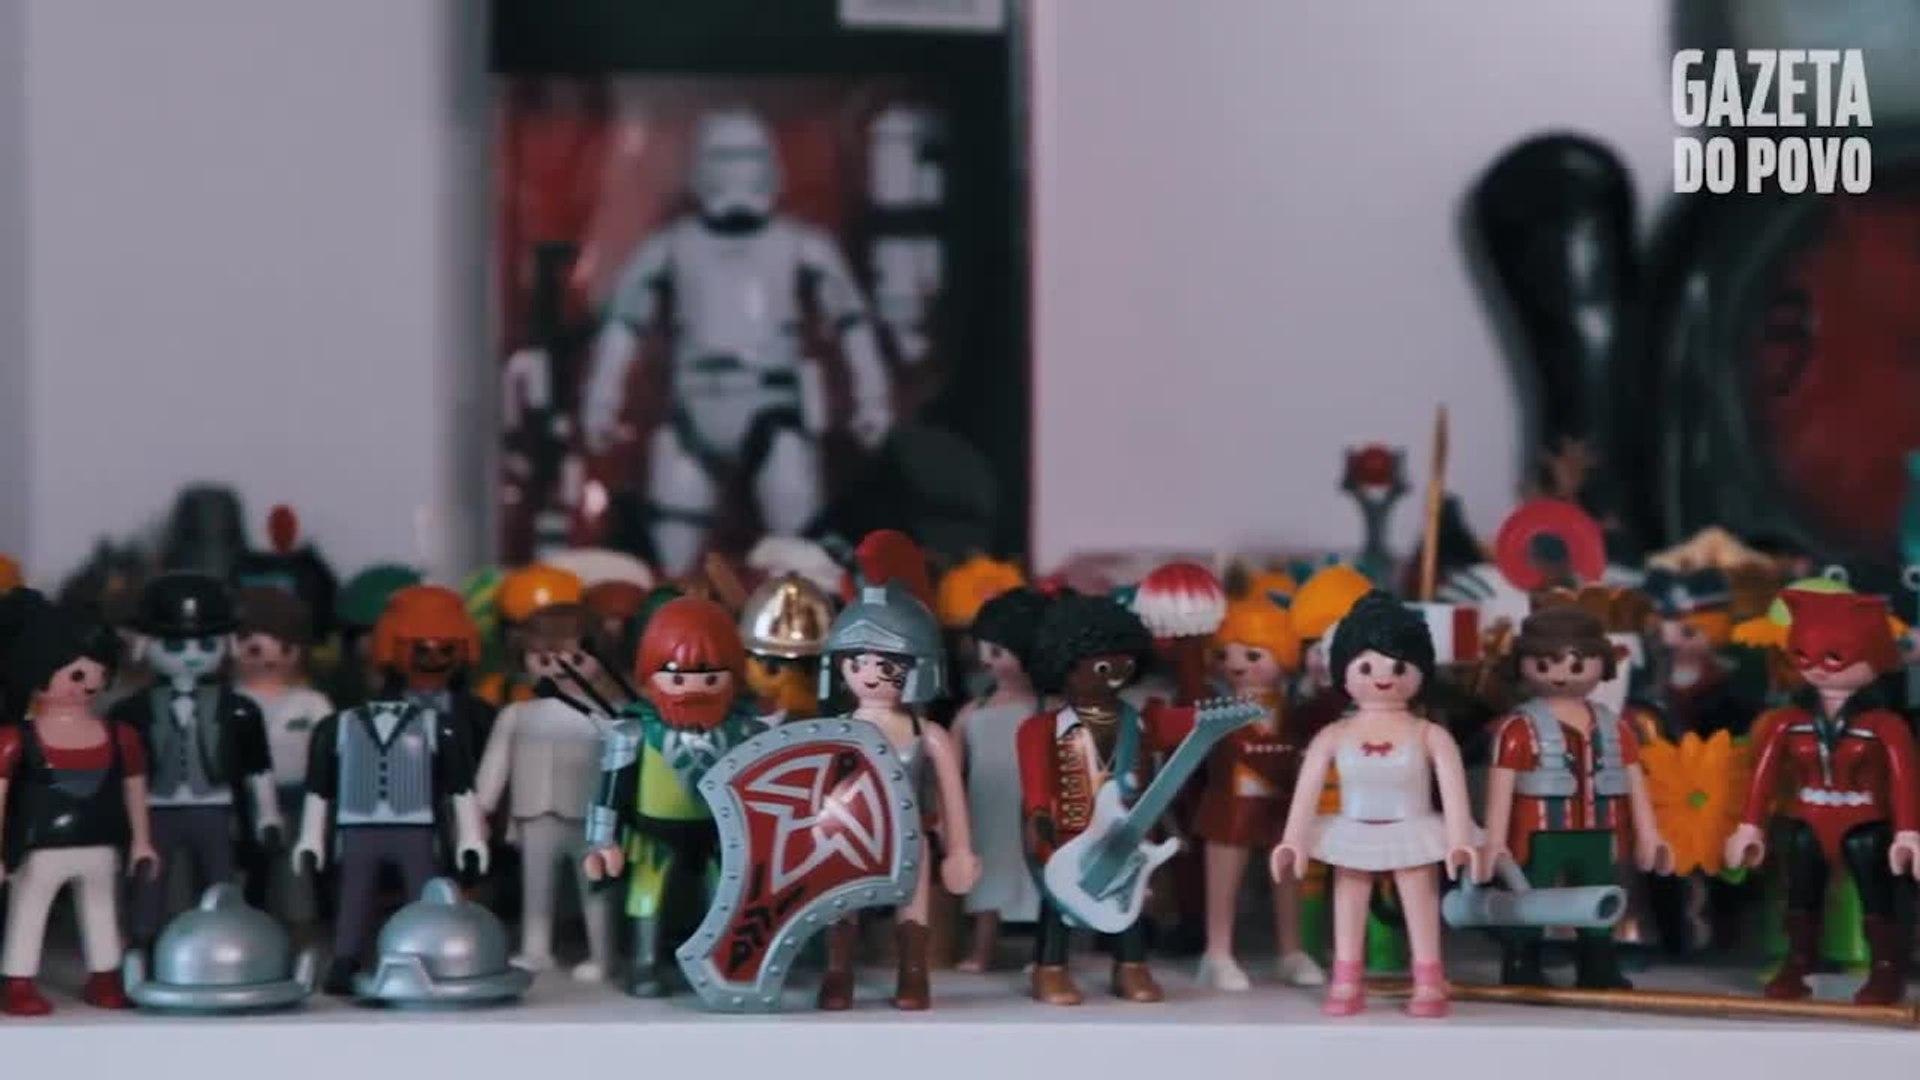 Doutora Playmobil: conheça a médica apaixonada pelos bonecos colecionáveis